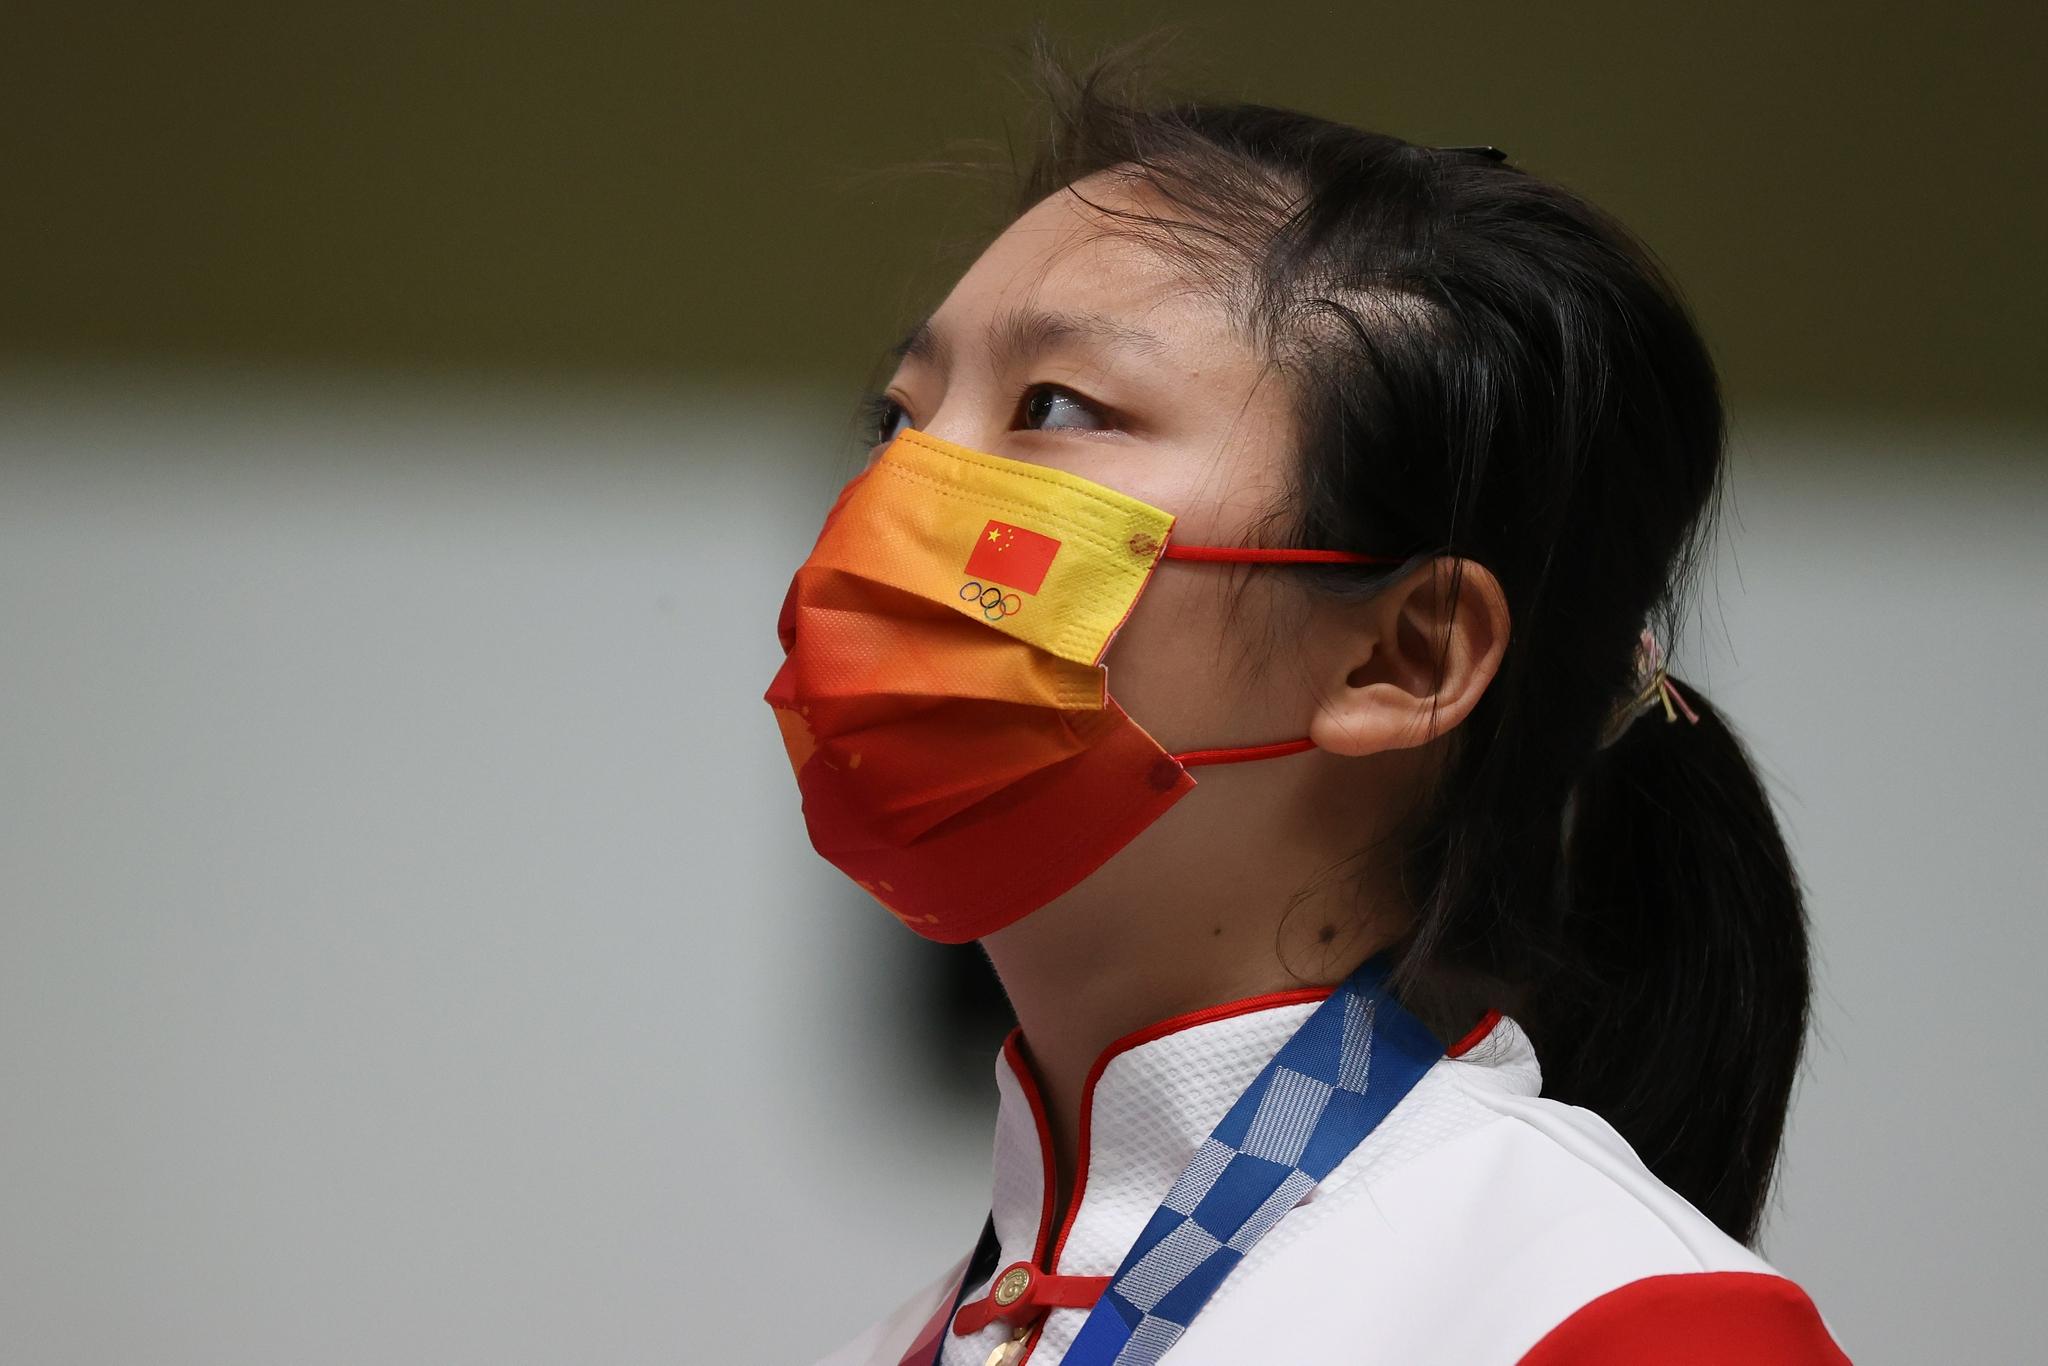 姜冉馨:金牌扔行李箱 现在也没觉得自己是奥运冠军